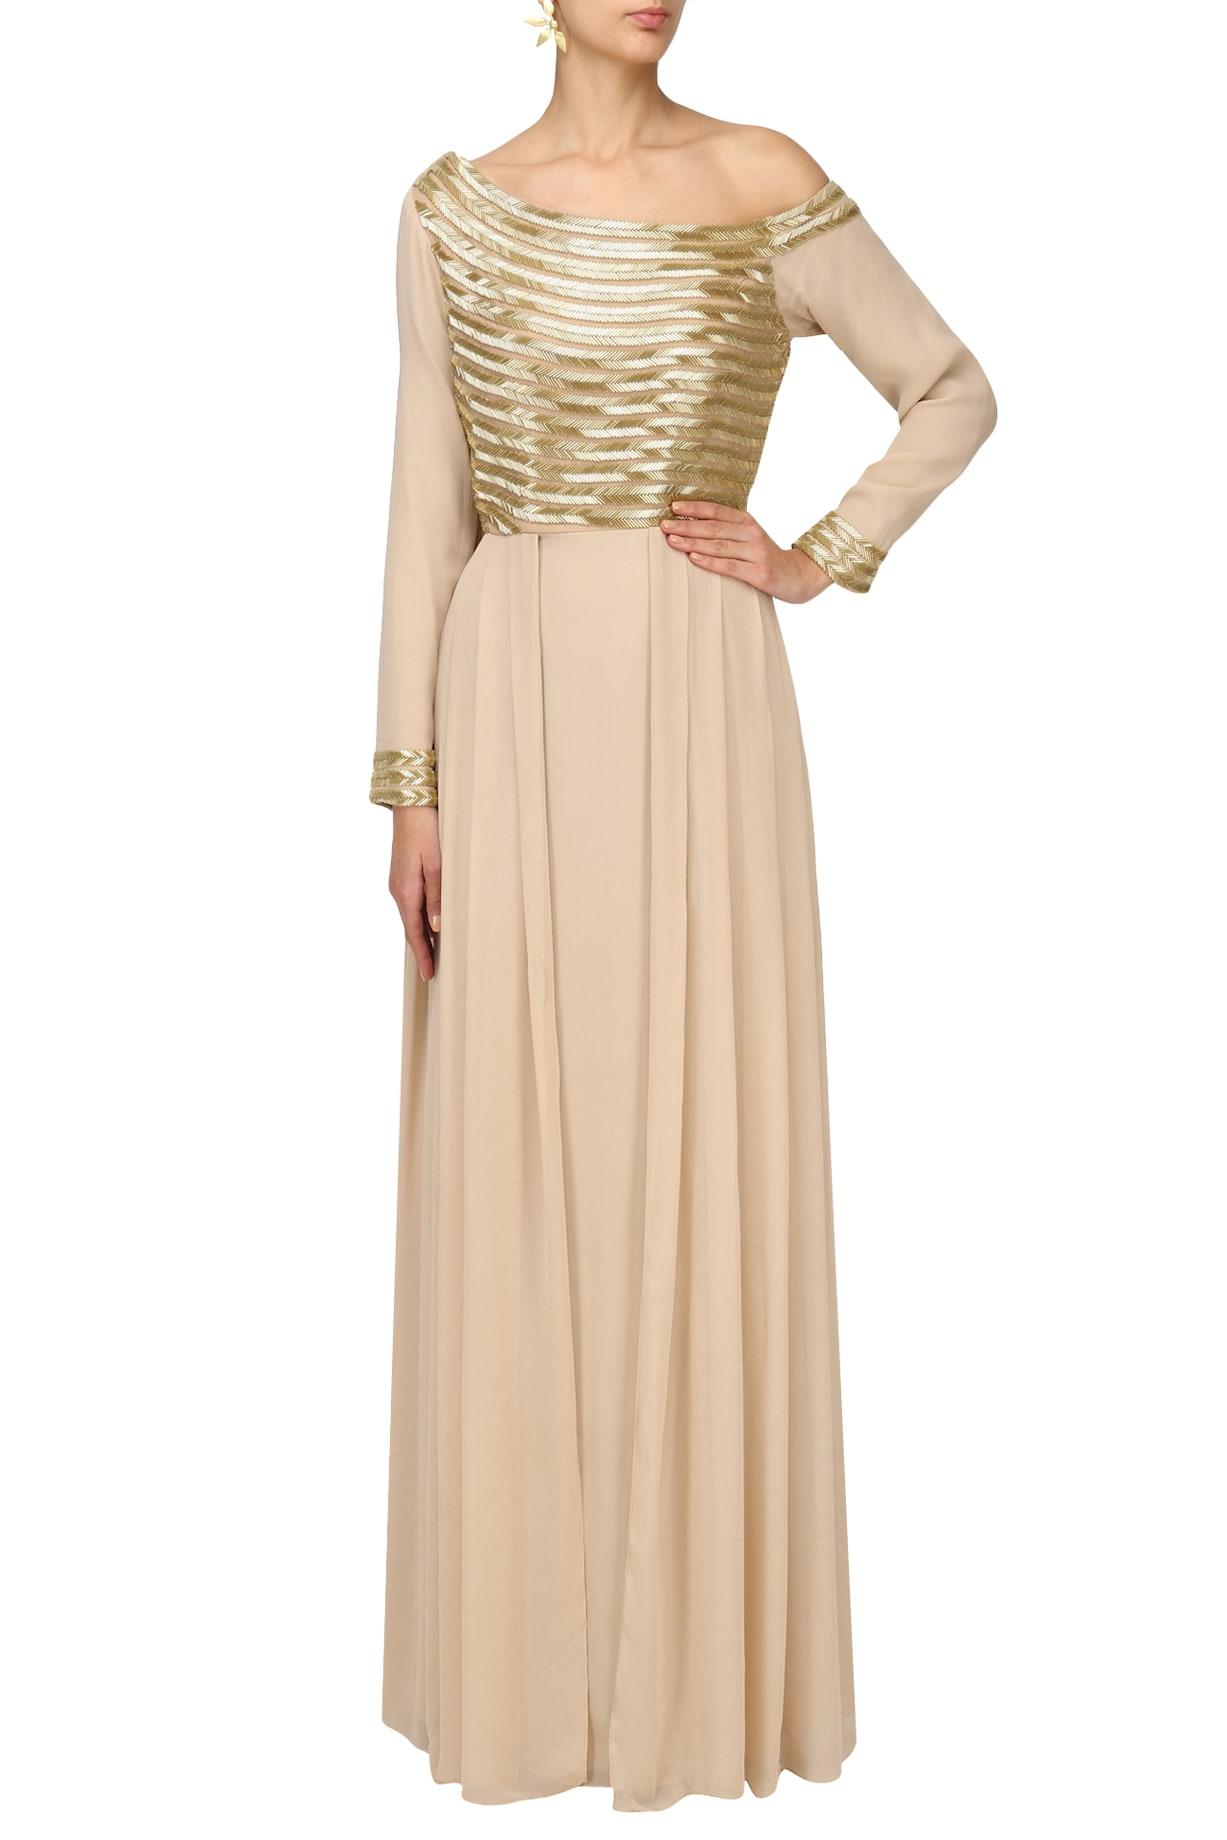 Varsha Wadhwa Gowns